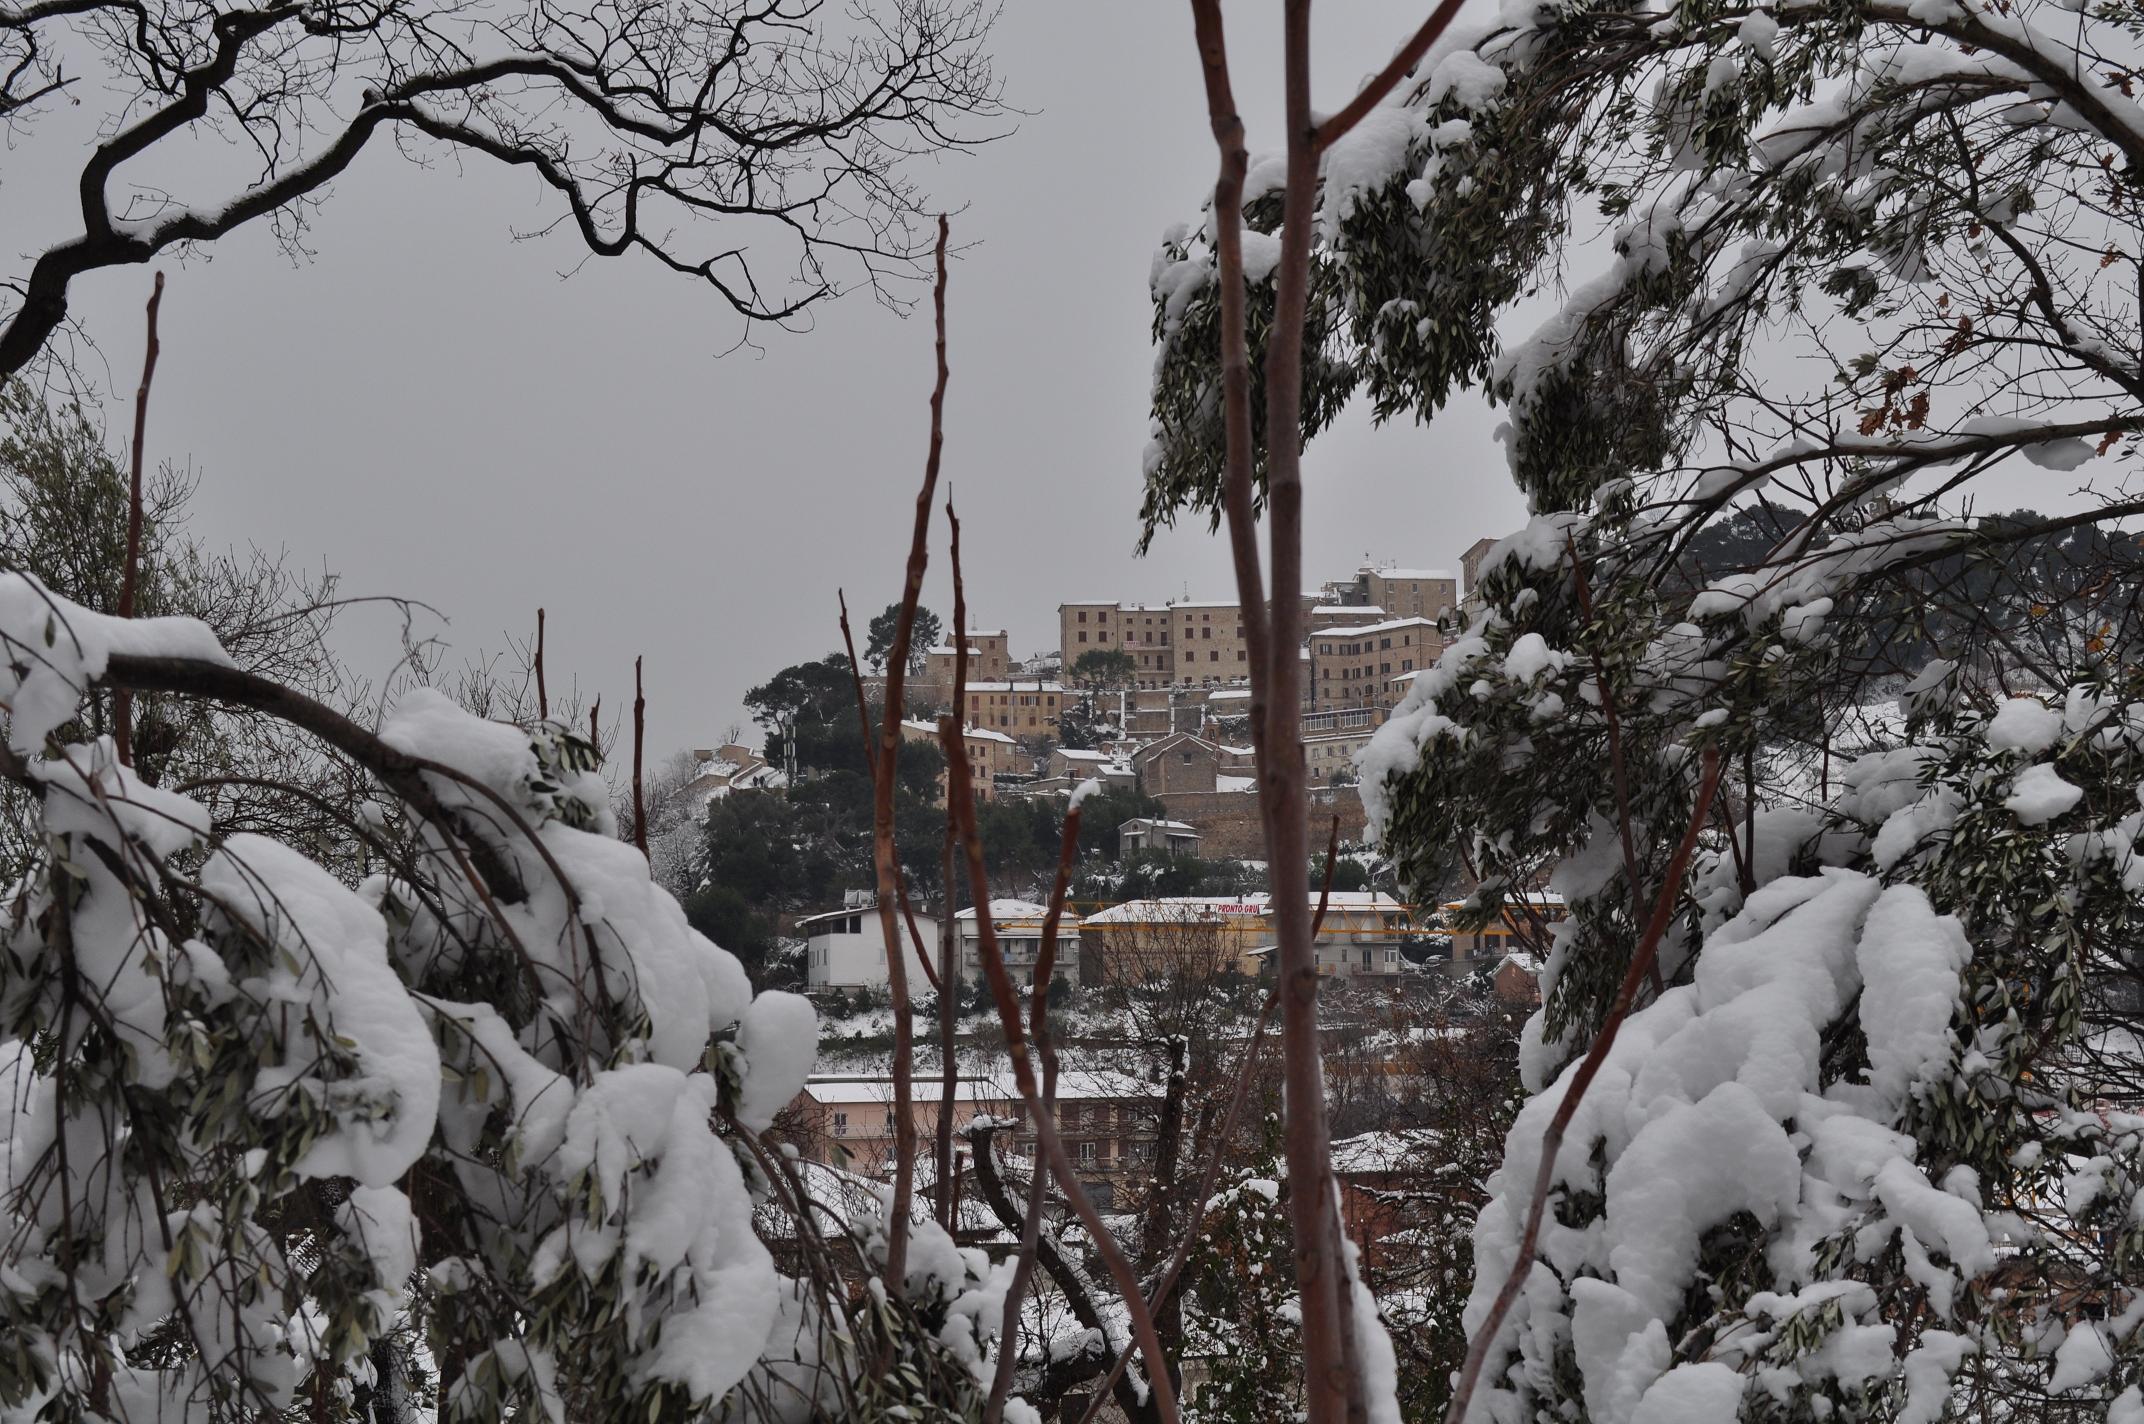 Neve a Cupra Marittima, 6 febbraio 2012 foto di Valeria Tommolini 1